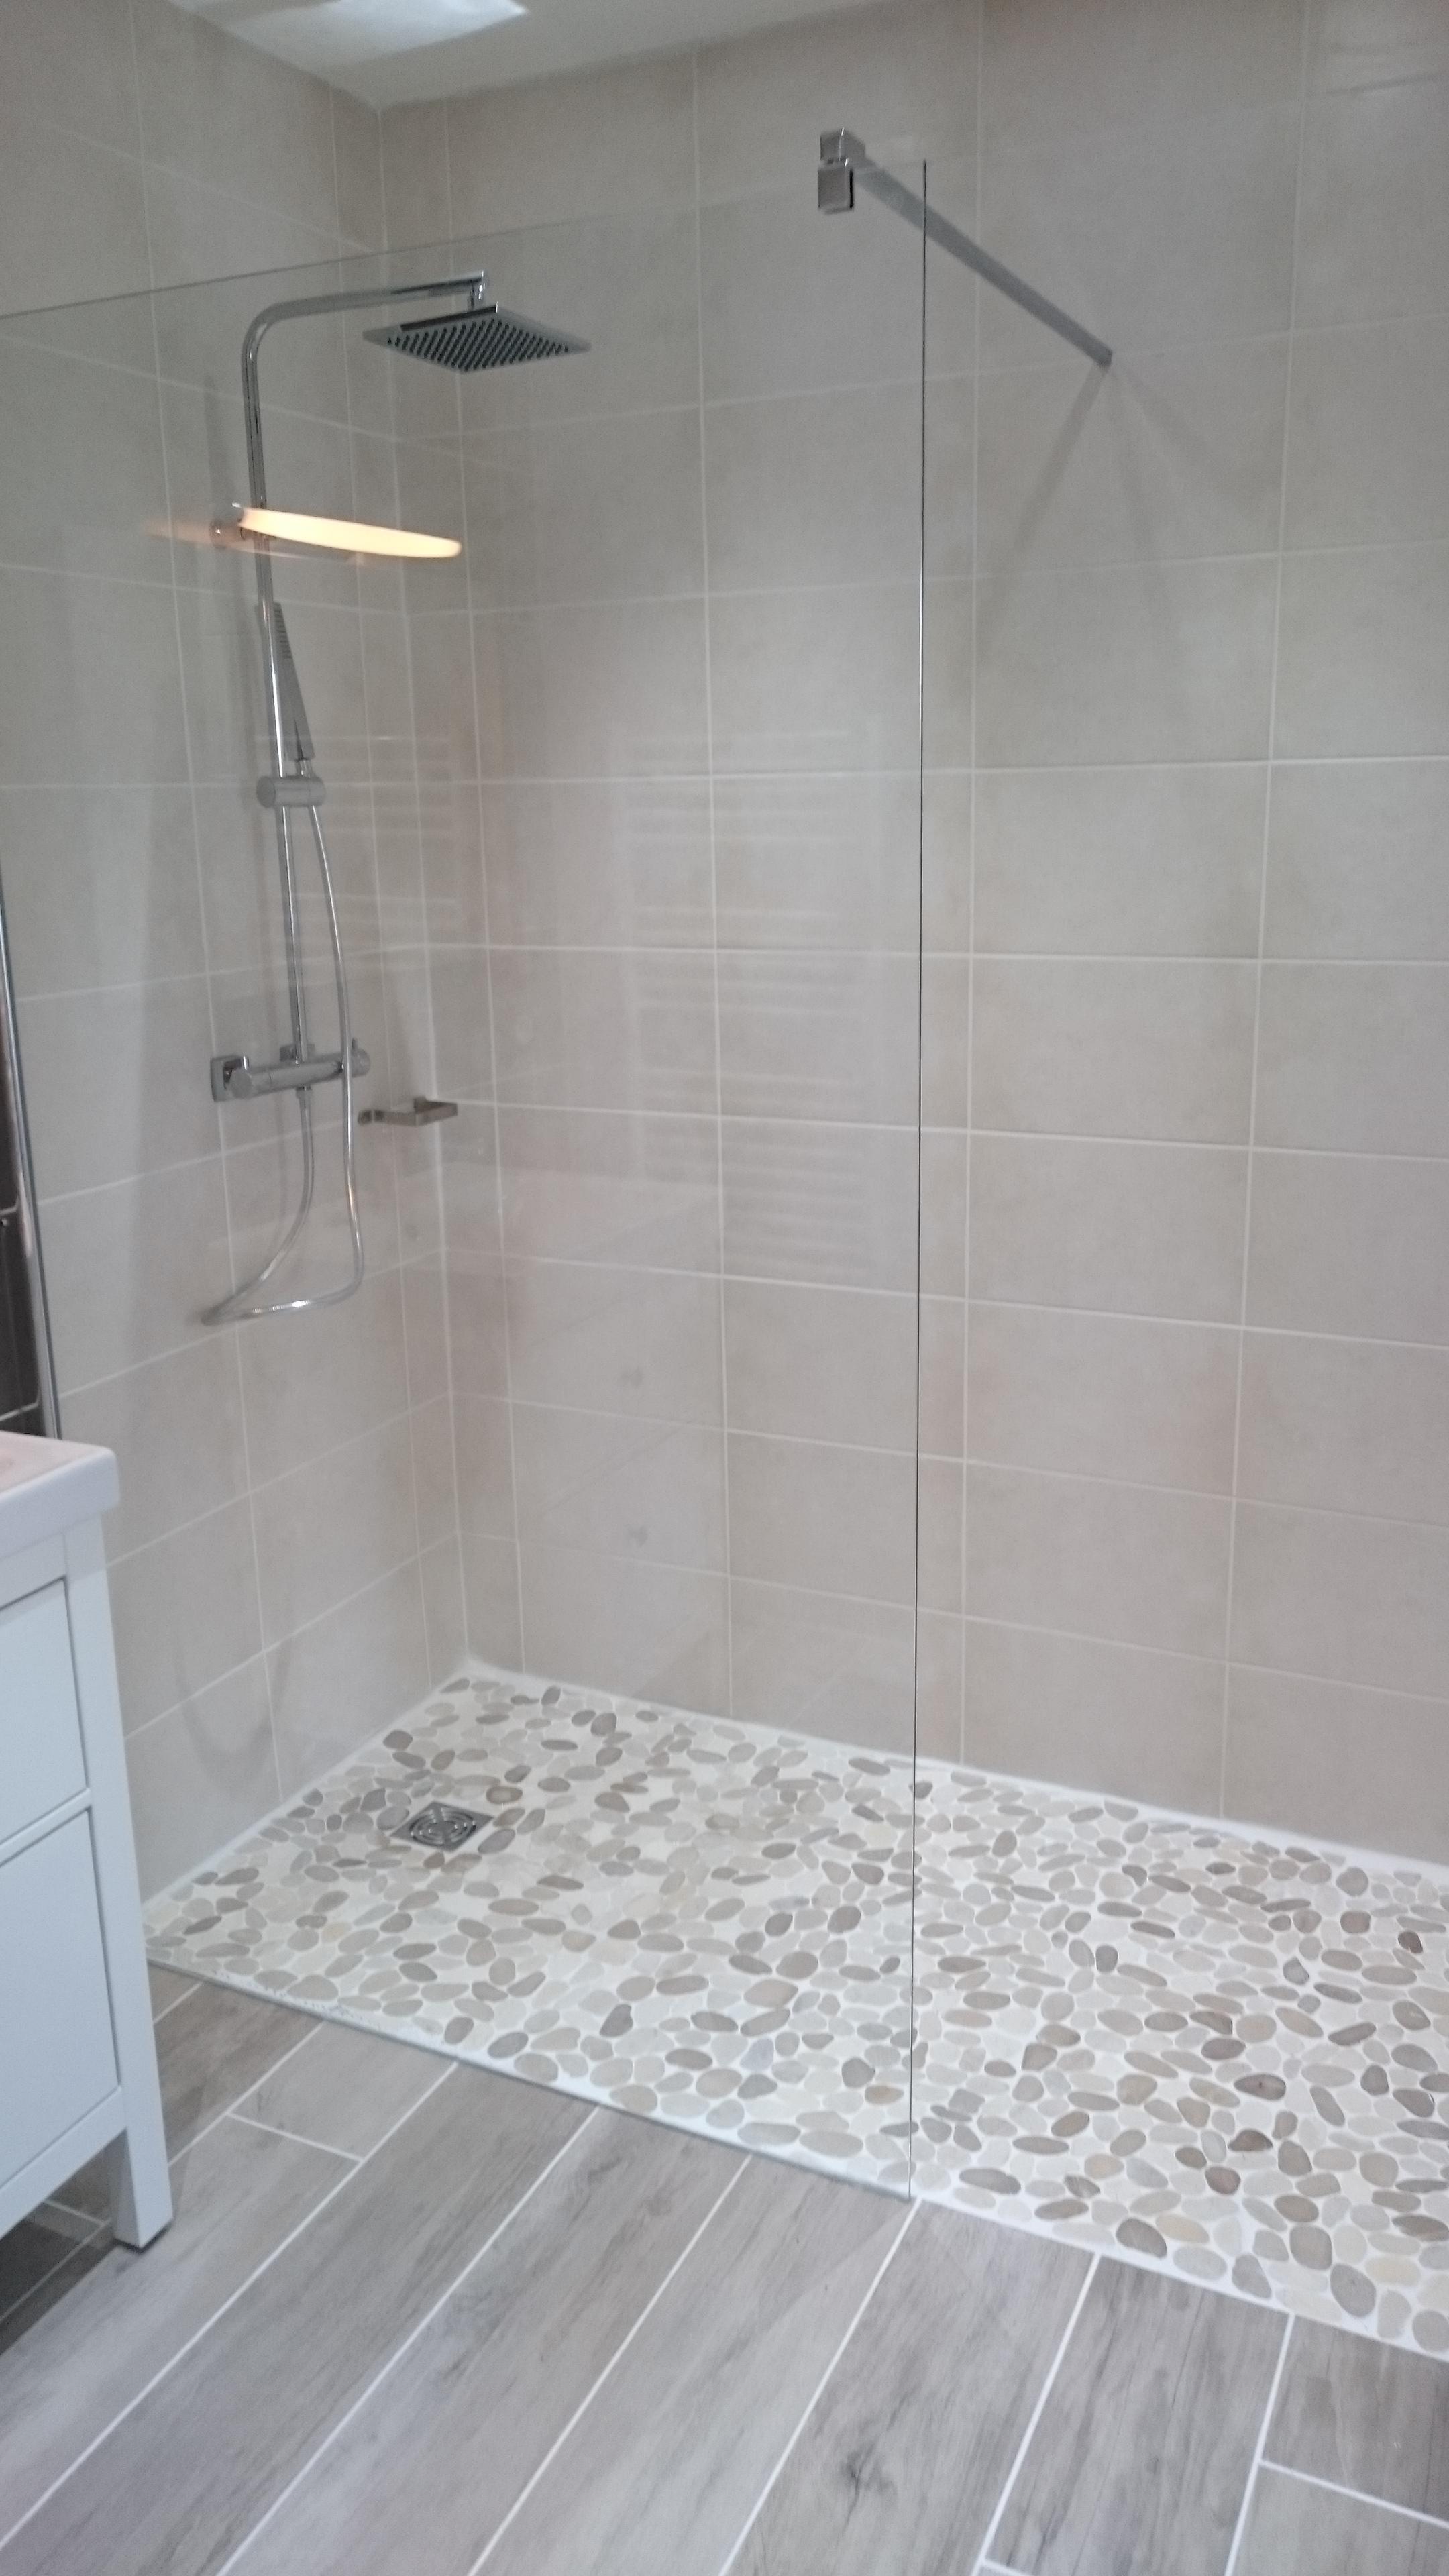 salle de bain carrelage imitation parquet indogate carrelage salle de bain - Salle De Bain Parquet Carrelage